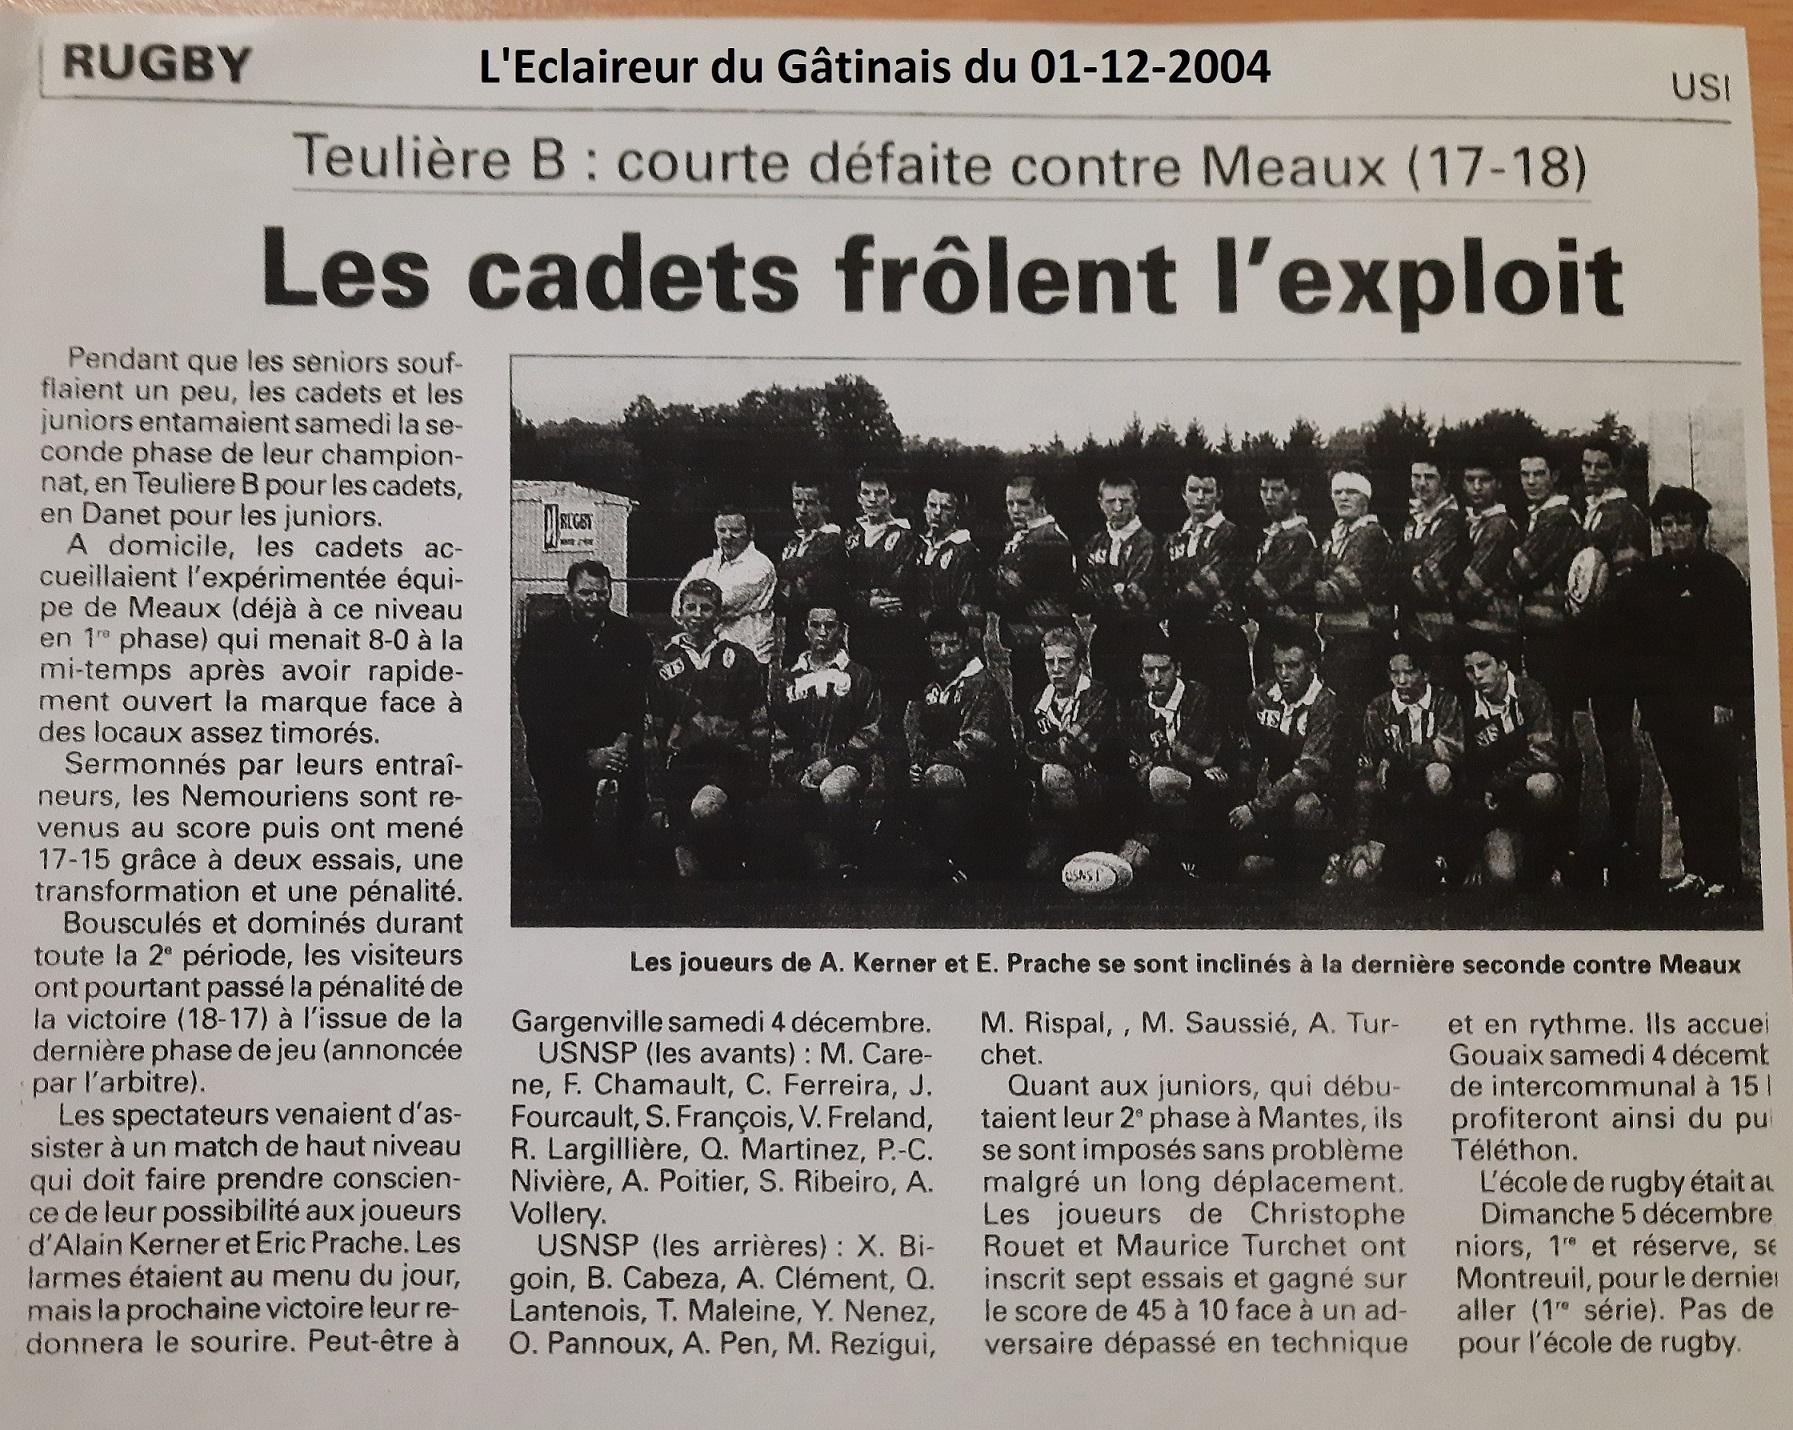 Eclaireur du Gâtinais 2004-12-01